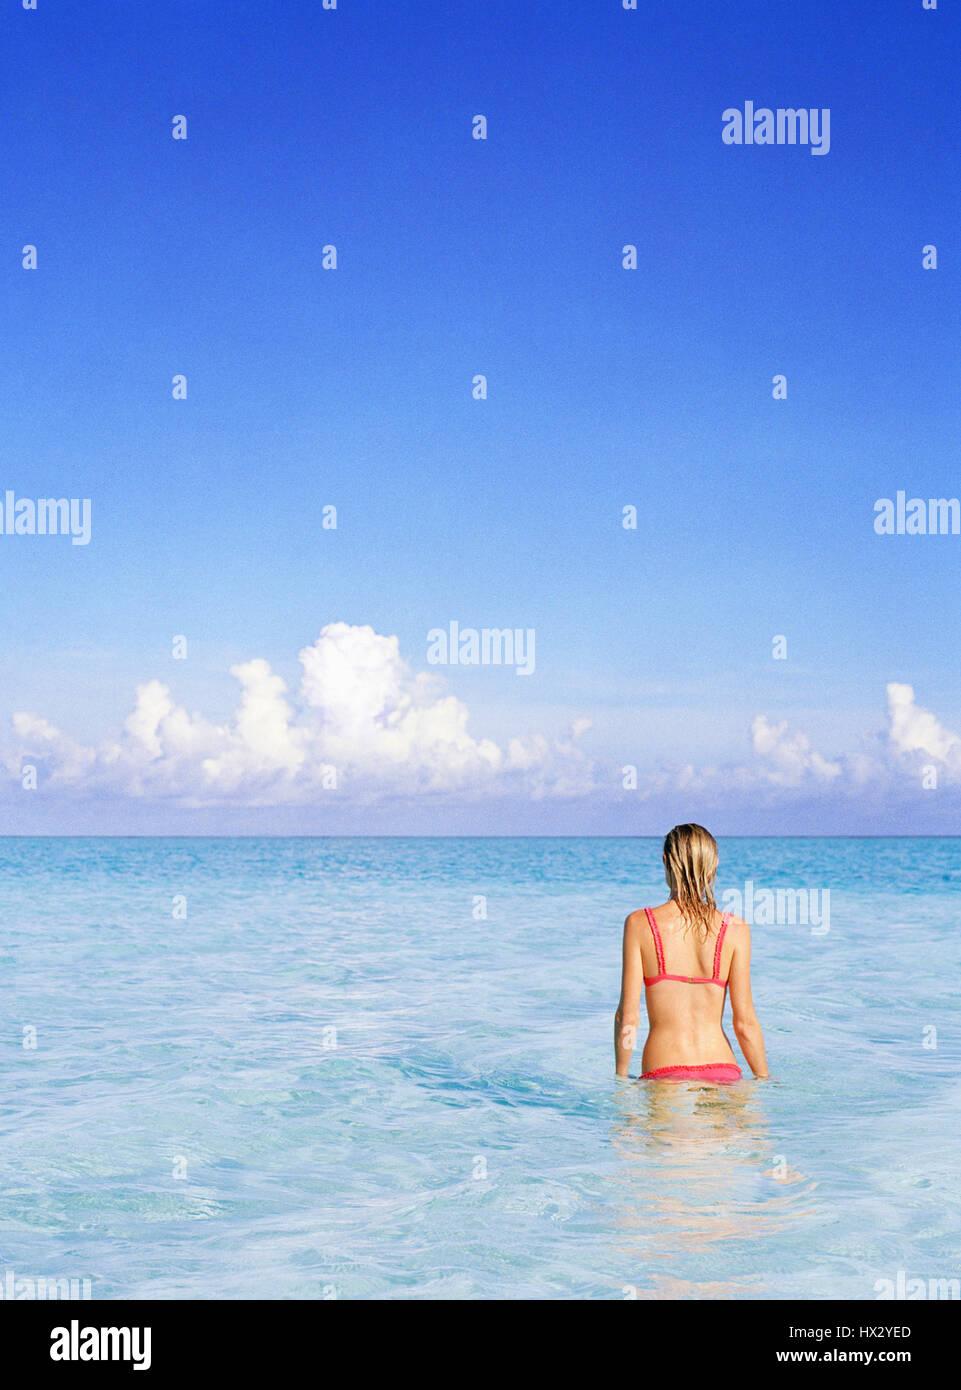 Vista posterior de la mujer en el océano, las Islas Turcas y Caicos Imagen De Stock